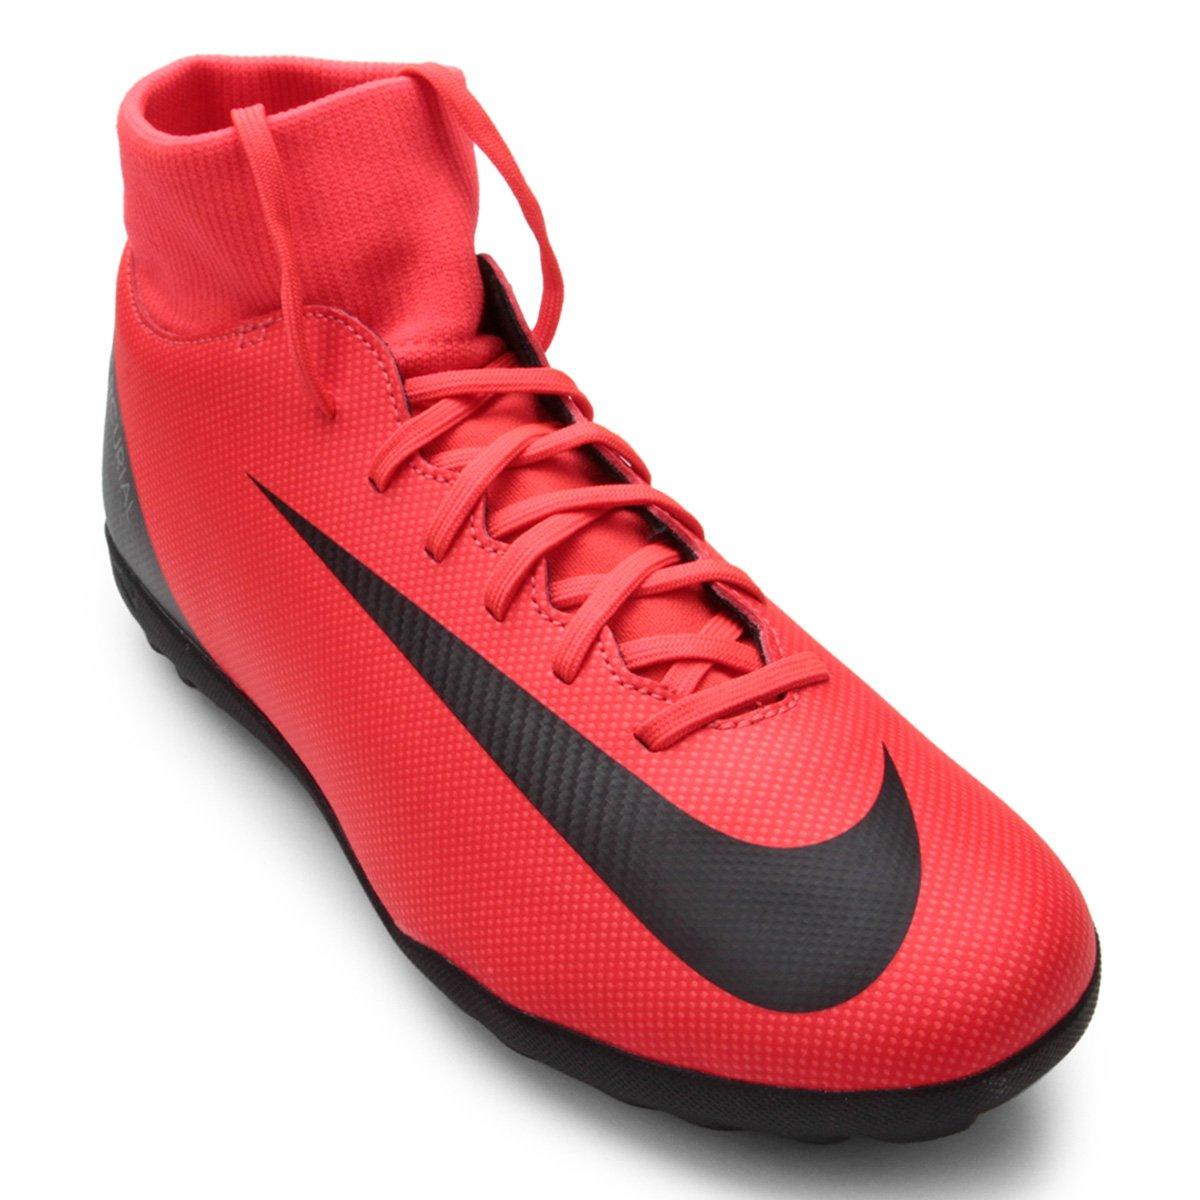 4b88eb97a8 Chuteira Society Nike Superfly 6 Club CR7 TF - Vermelho e Preto ...